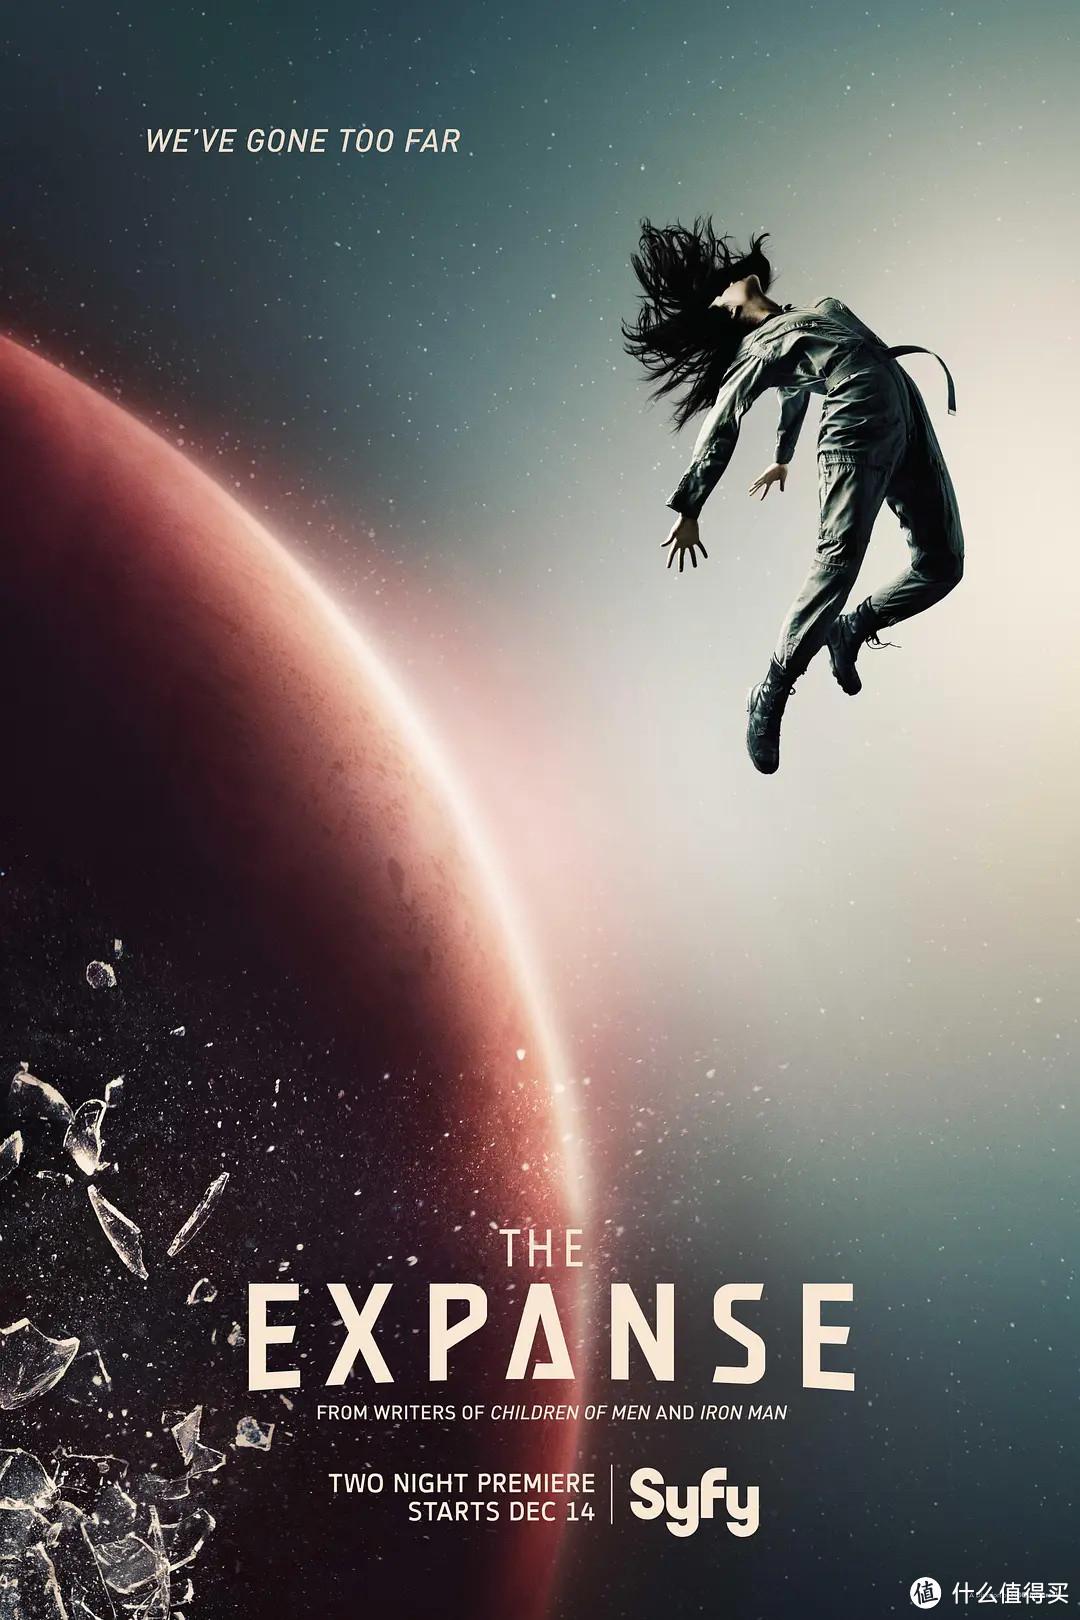 美劇的精髓在于科幻劇,推薦幾部珍藏的科幻美劇,供大家選擇。